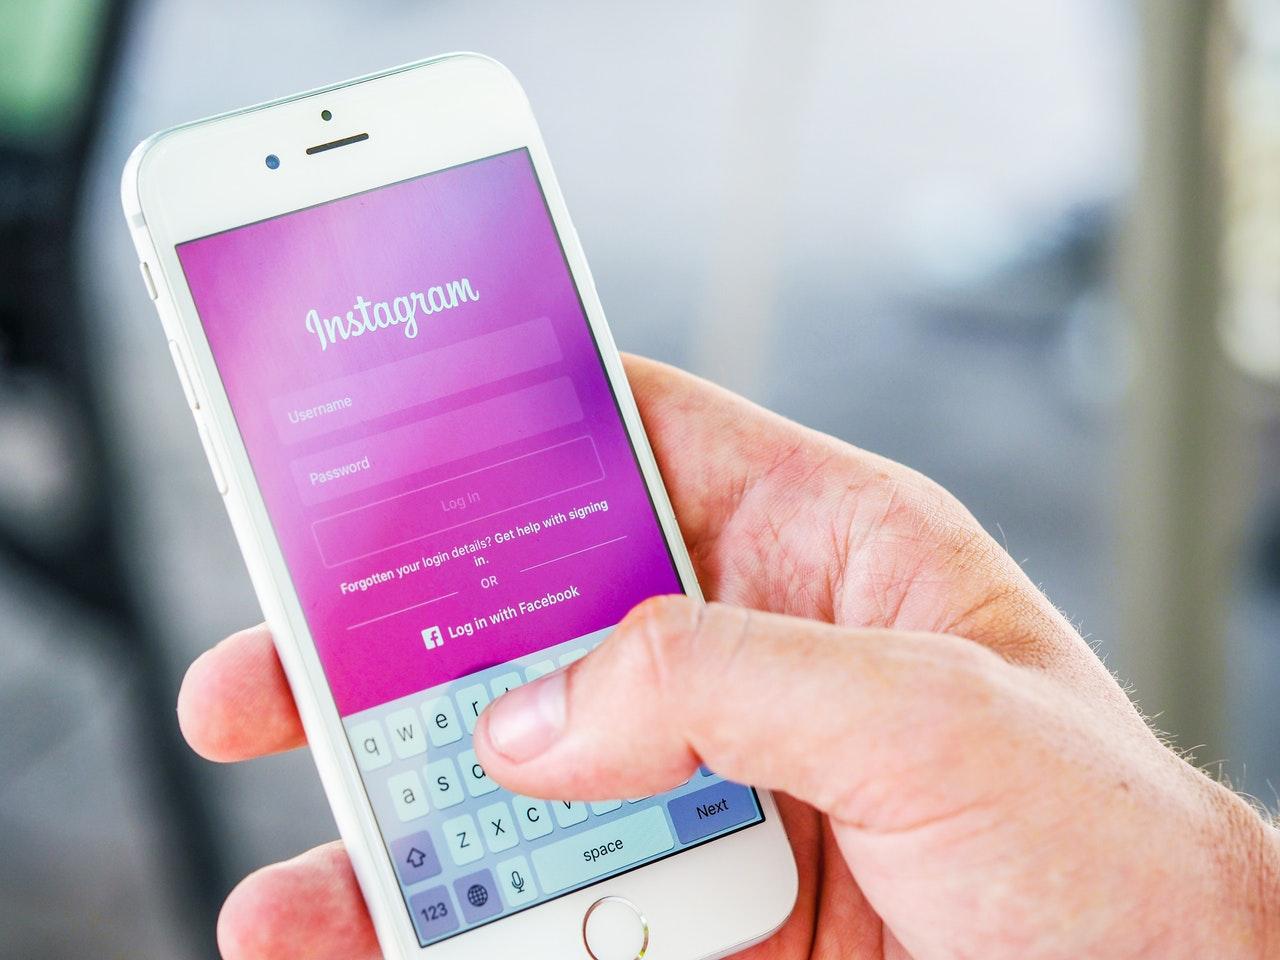 Instagram vuole introdurre gli annunci pubblicitari nei feed di Esplora